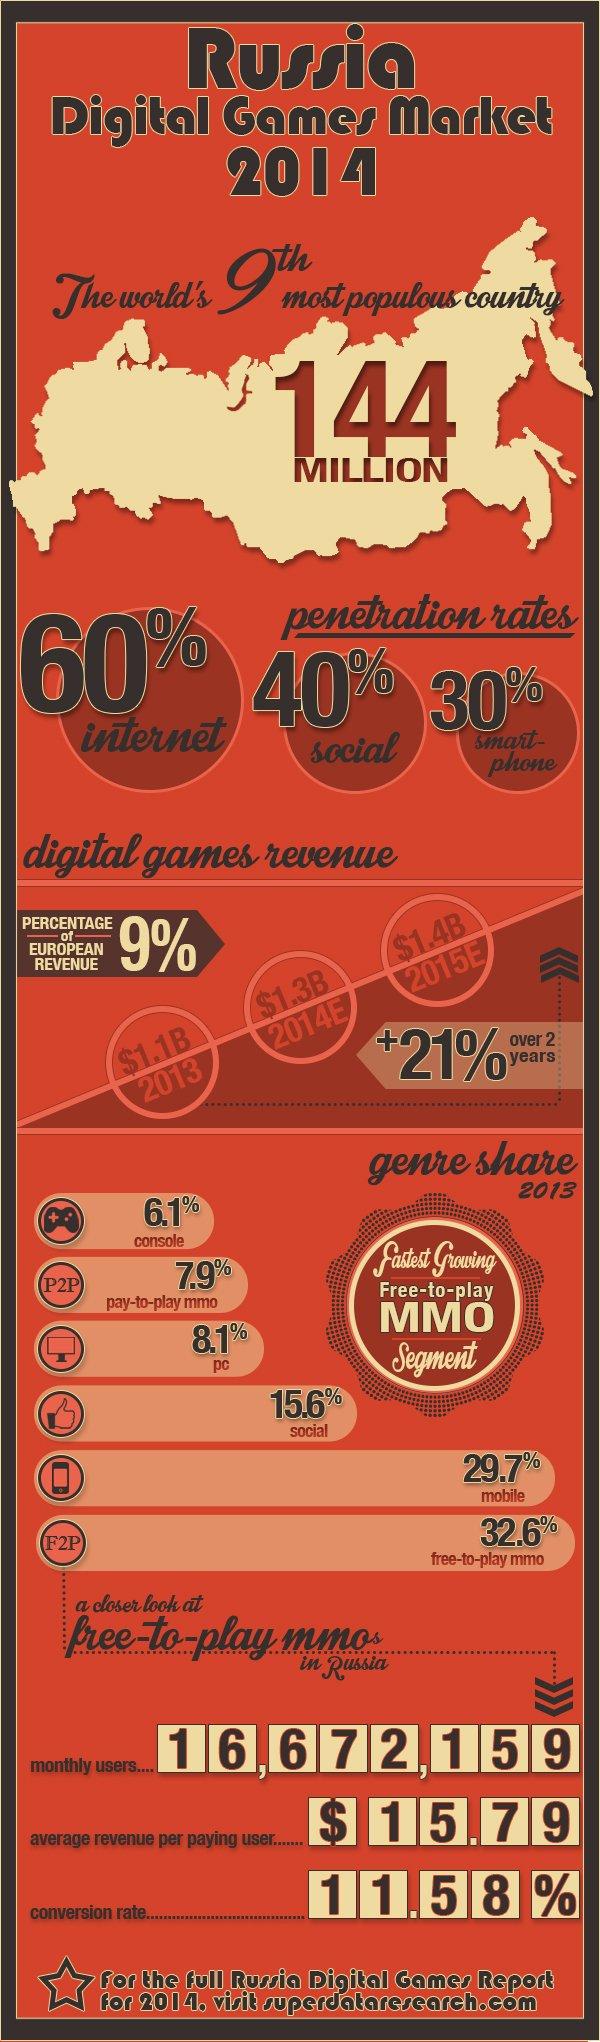 Российский рынок цифровых игр оценили в $1,1 млрд | Канобу - Изображение 12198